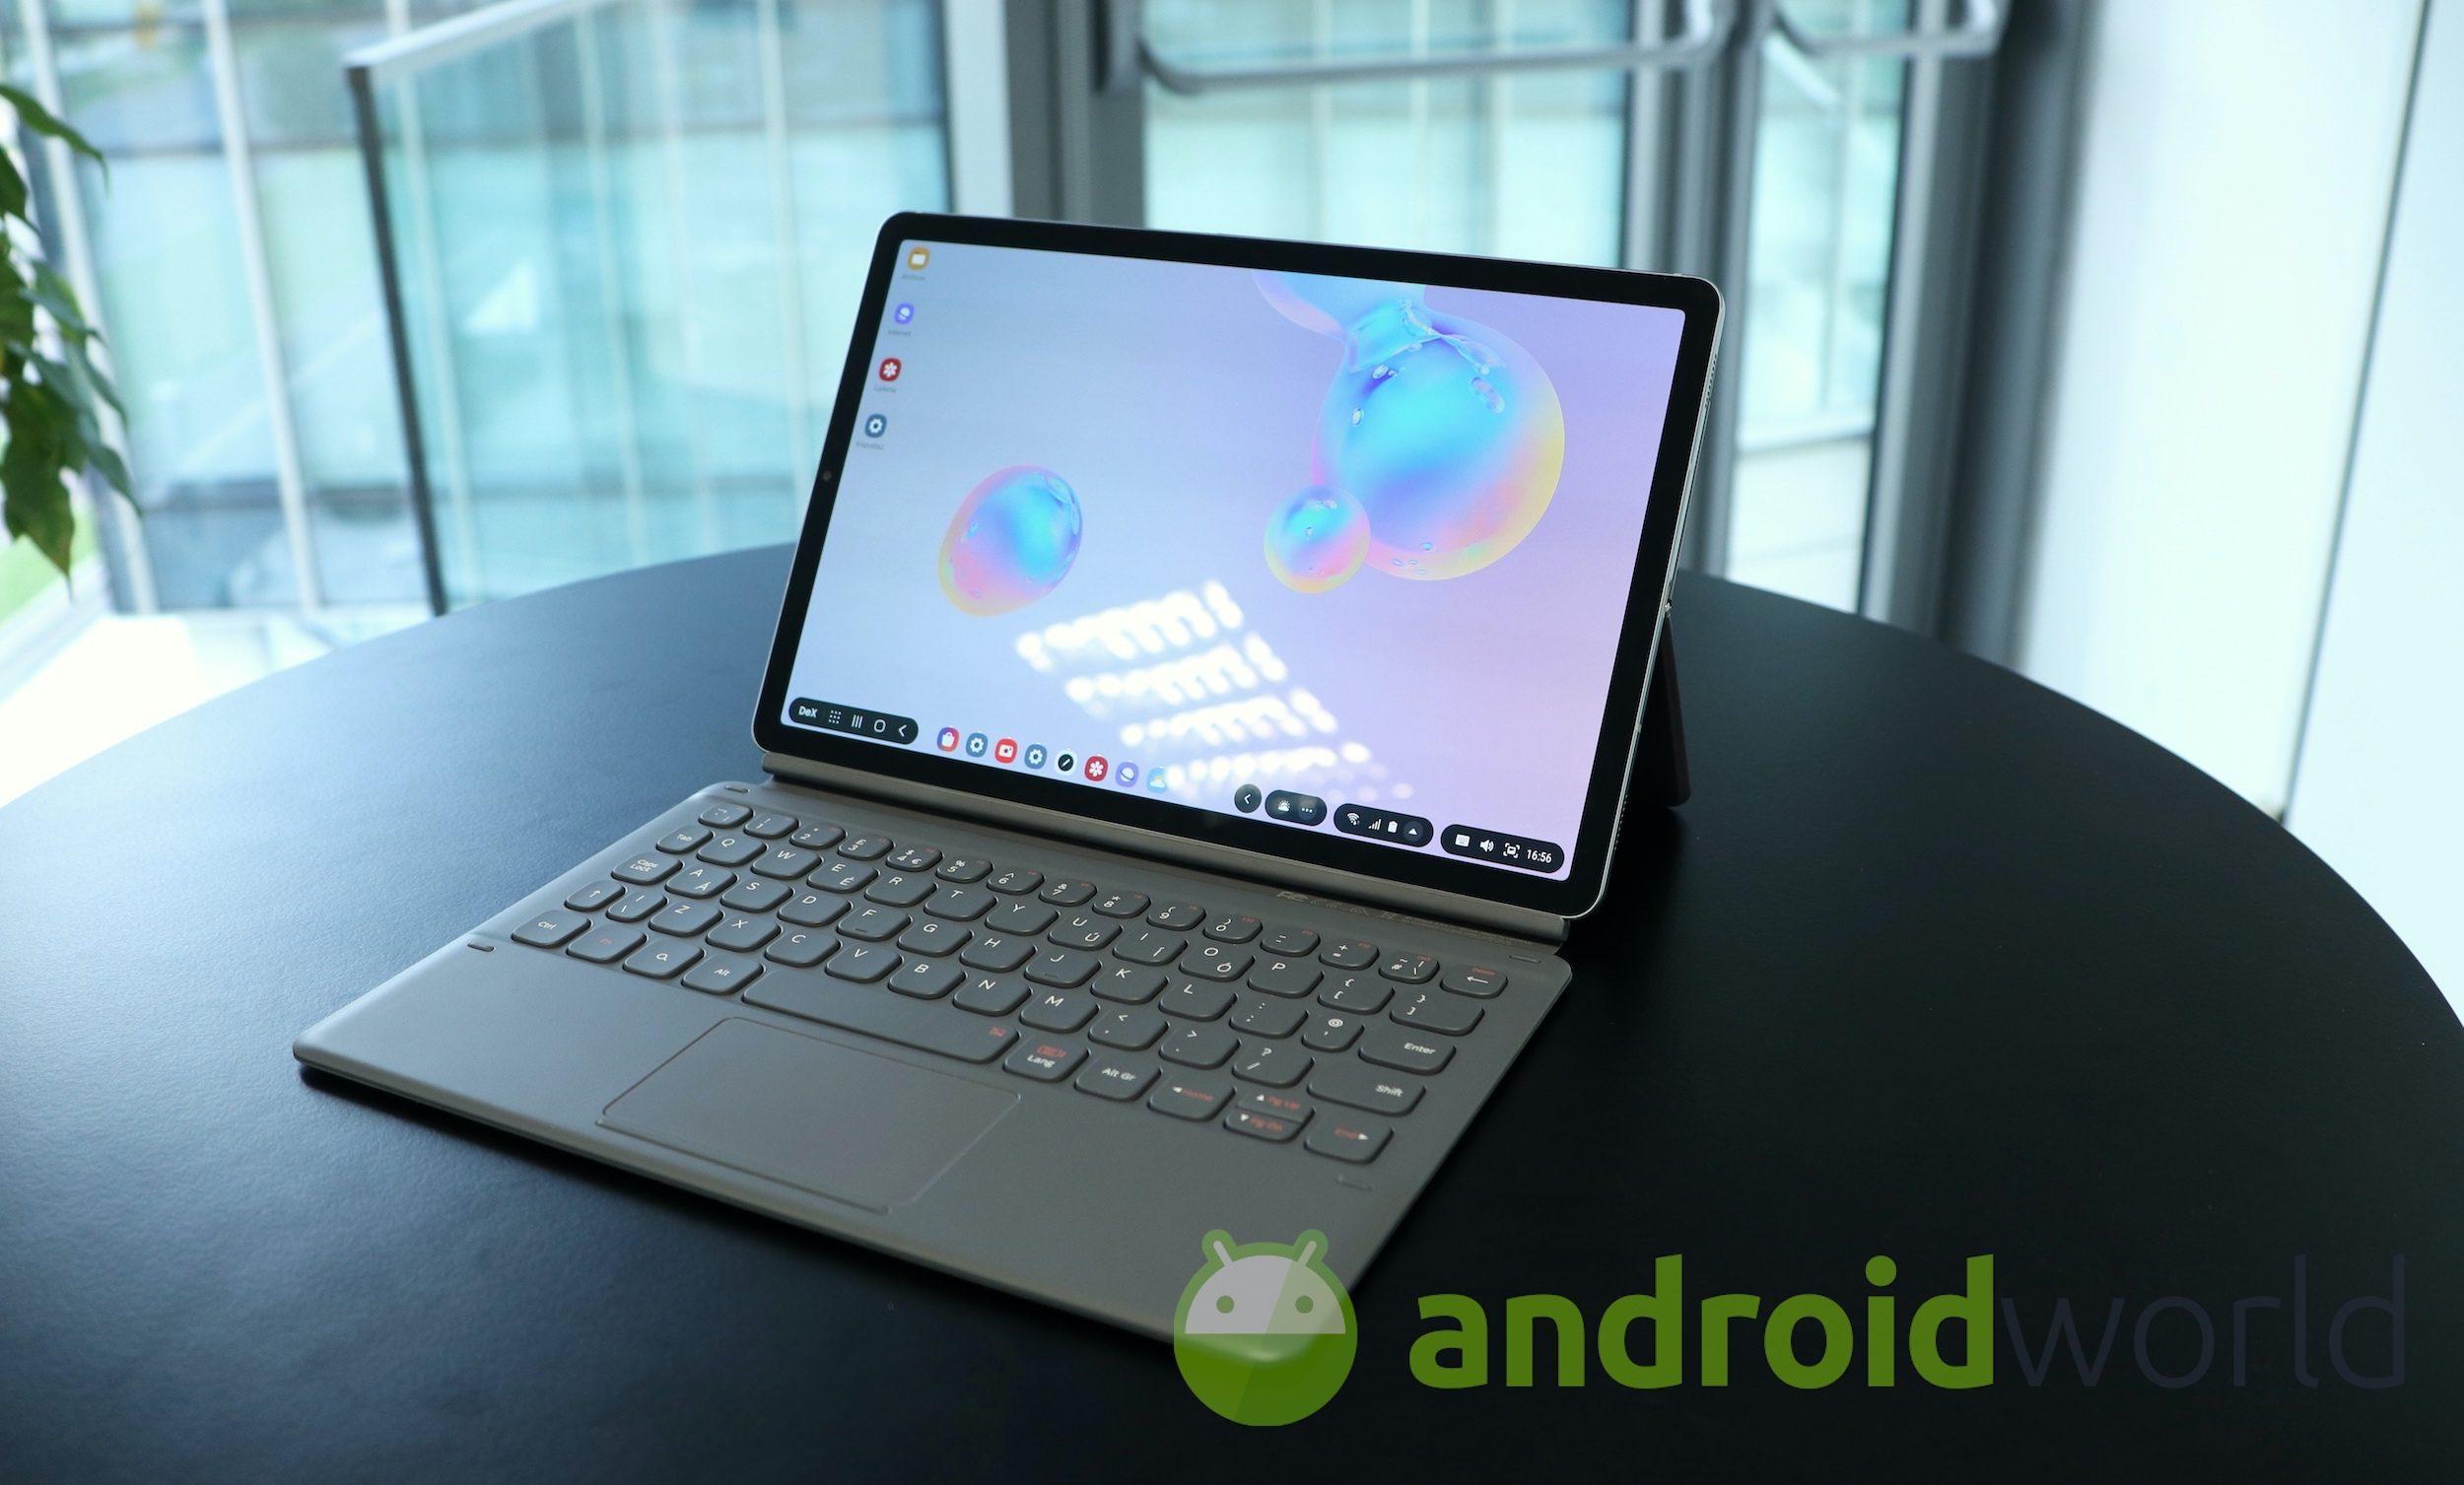 Il primo tablet 5G al mondo? Samsung candida il suo Galaxy Tab S6 al trono (foto)